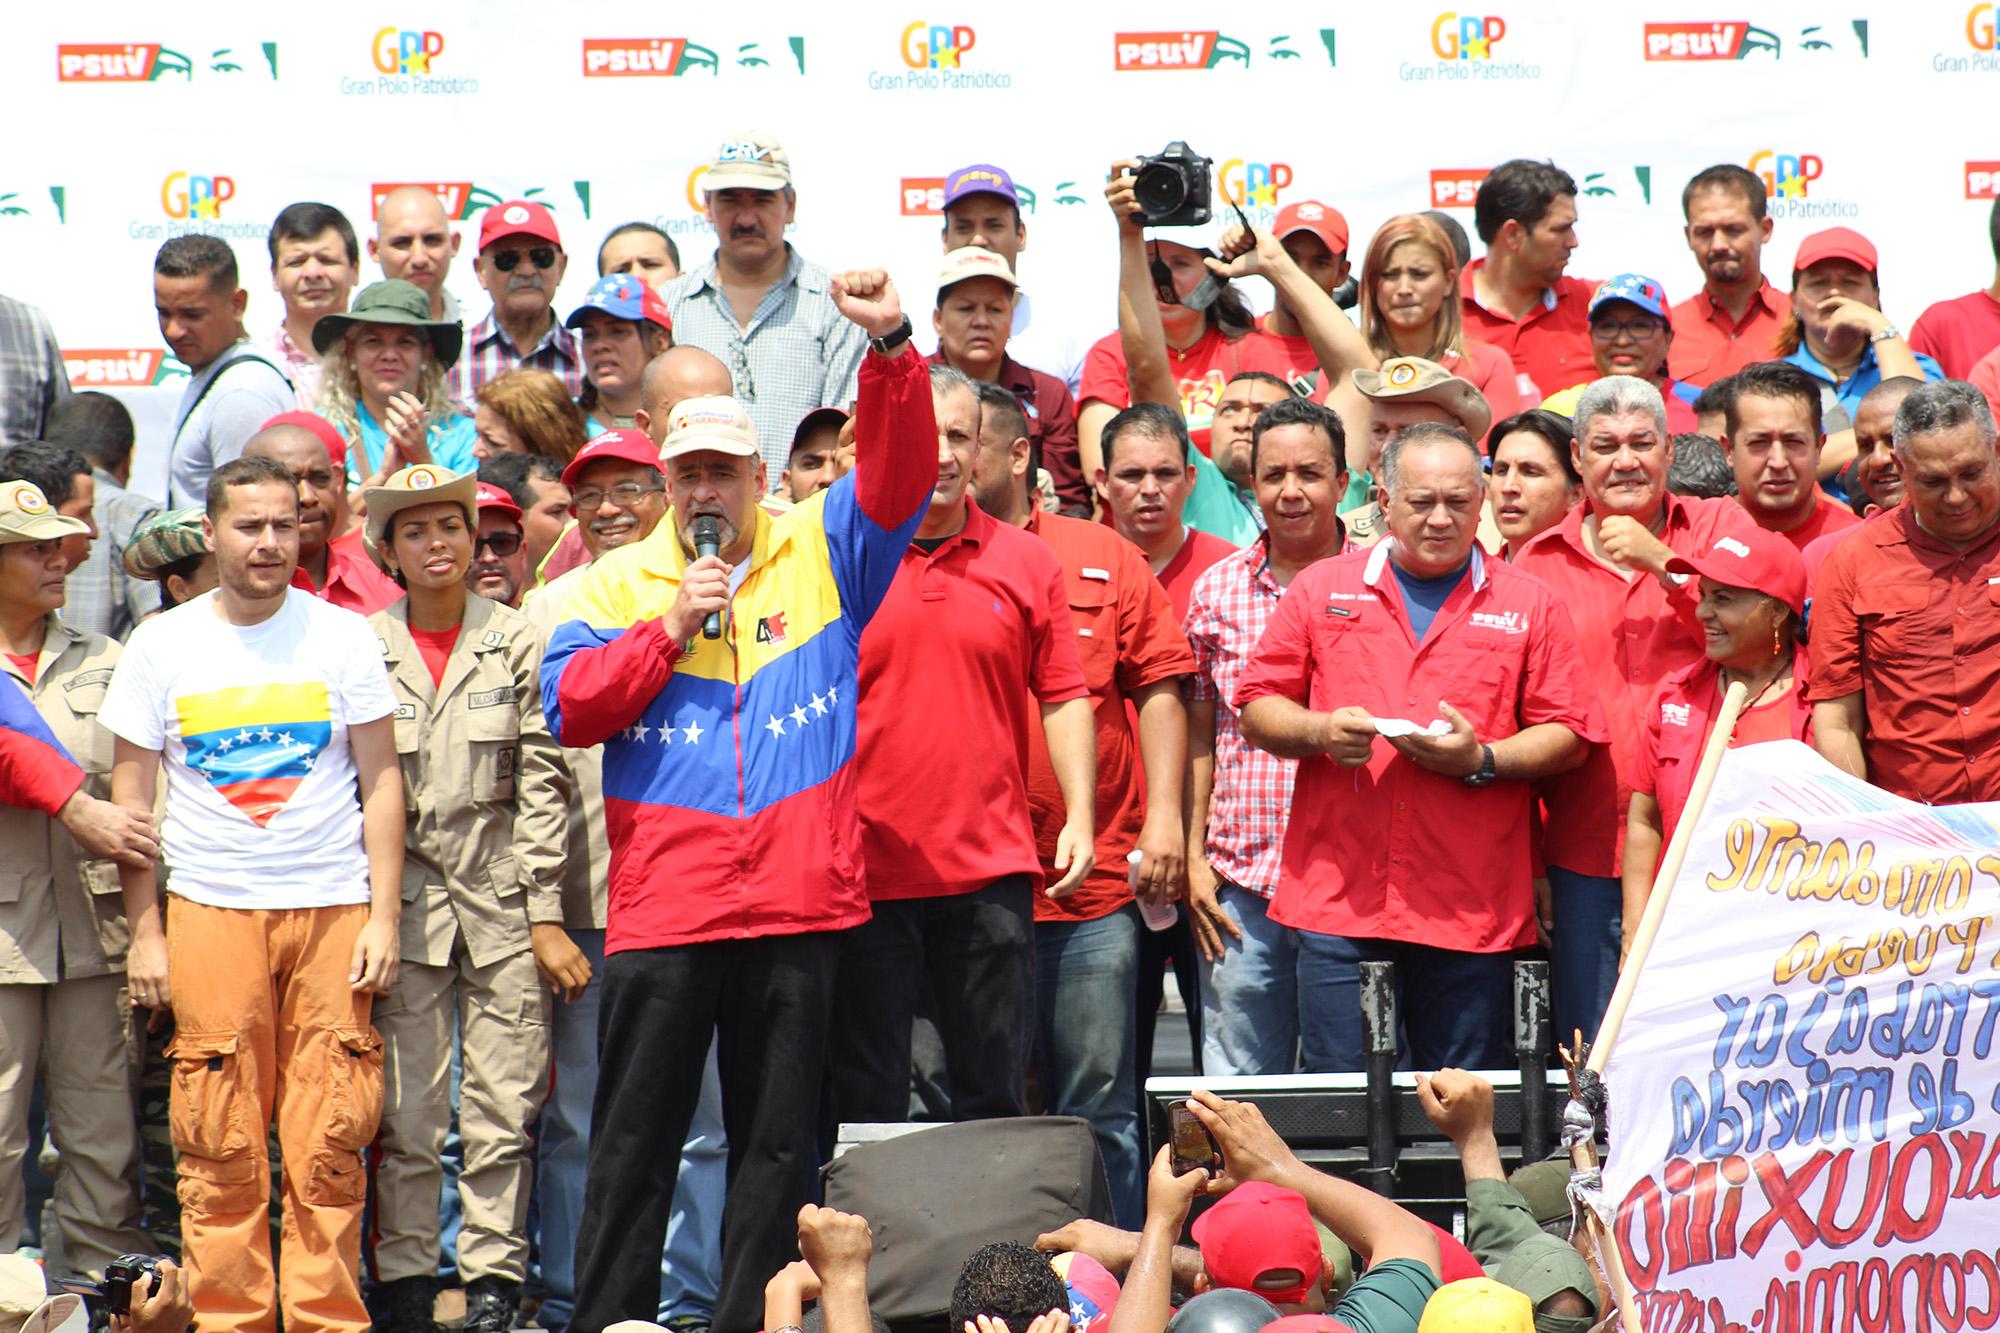 Ameliach: Dirigentes de oposición son responsables por desvío de marcha en Carabobo